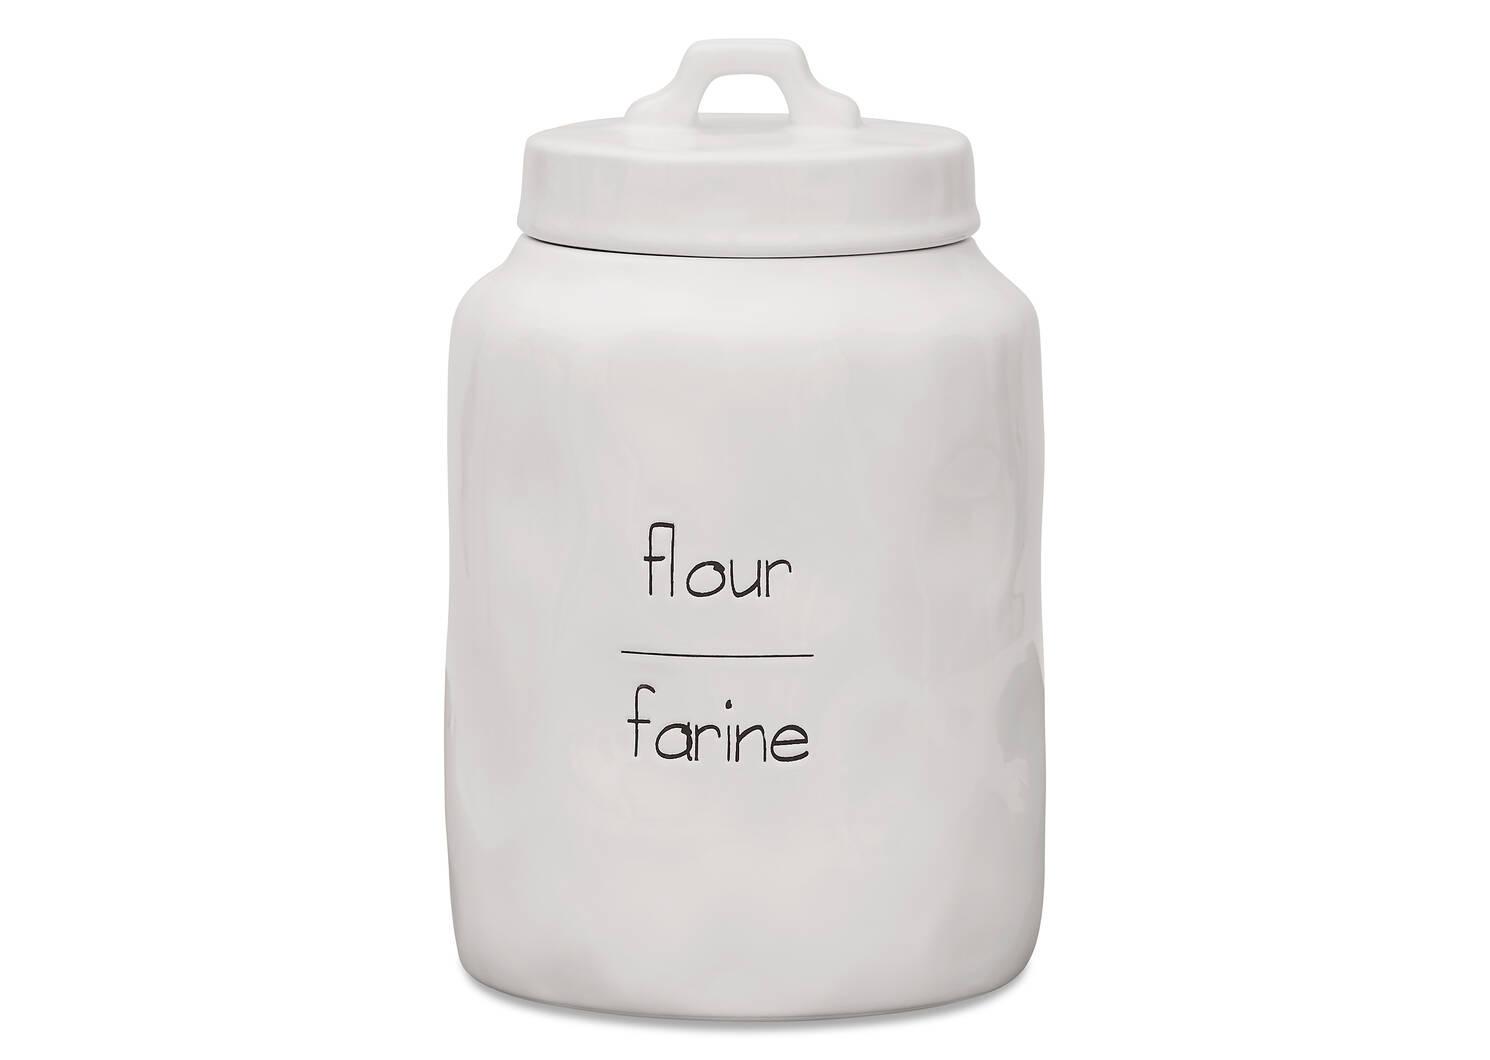 Demi Flour Canister